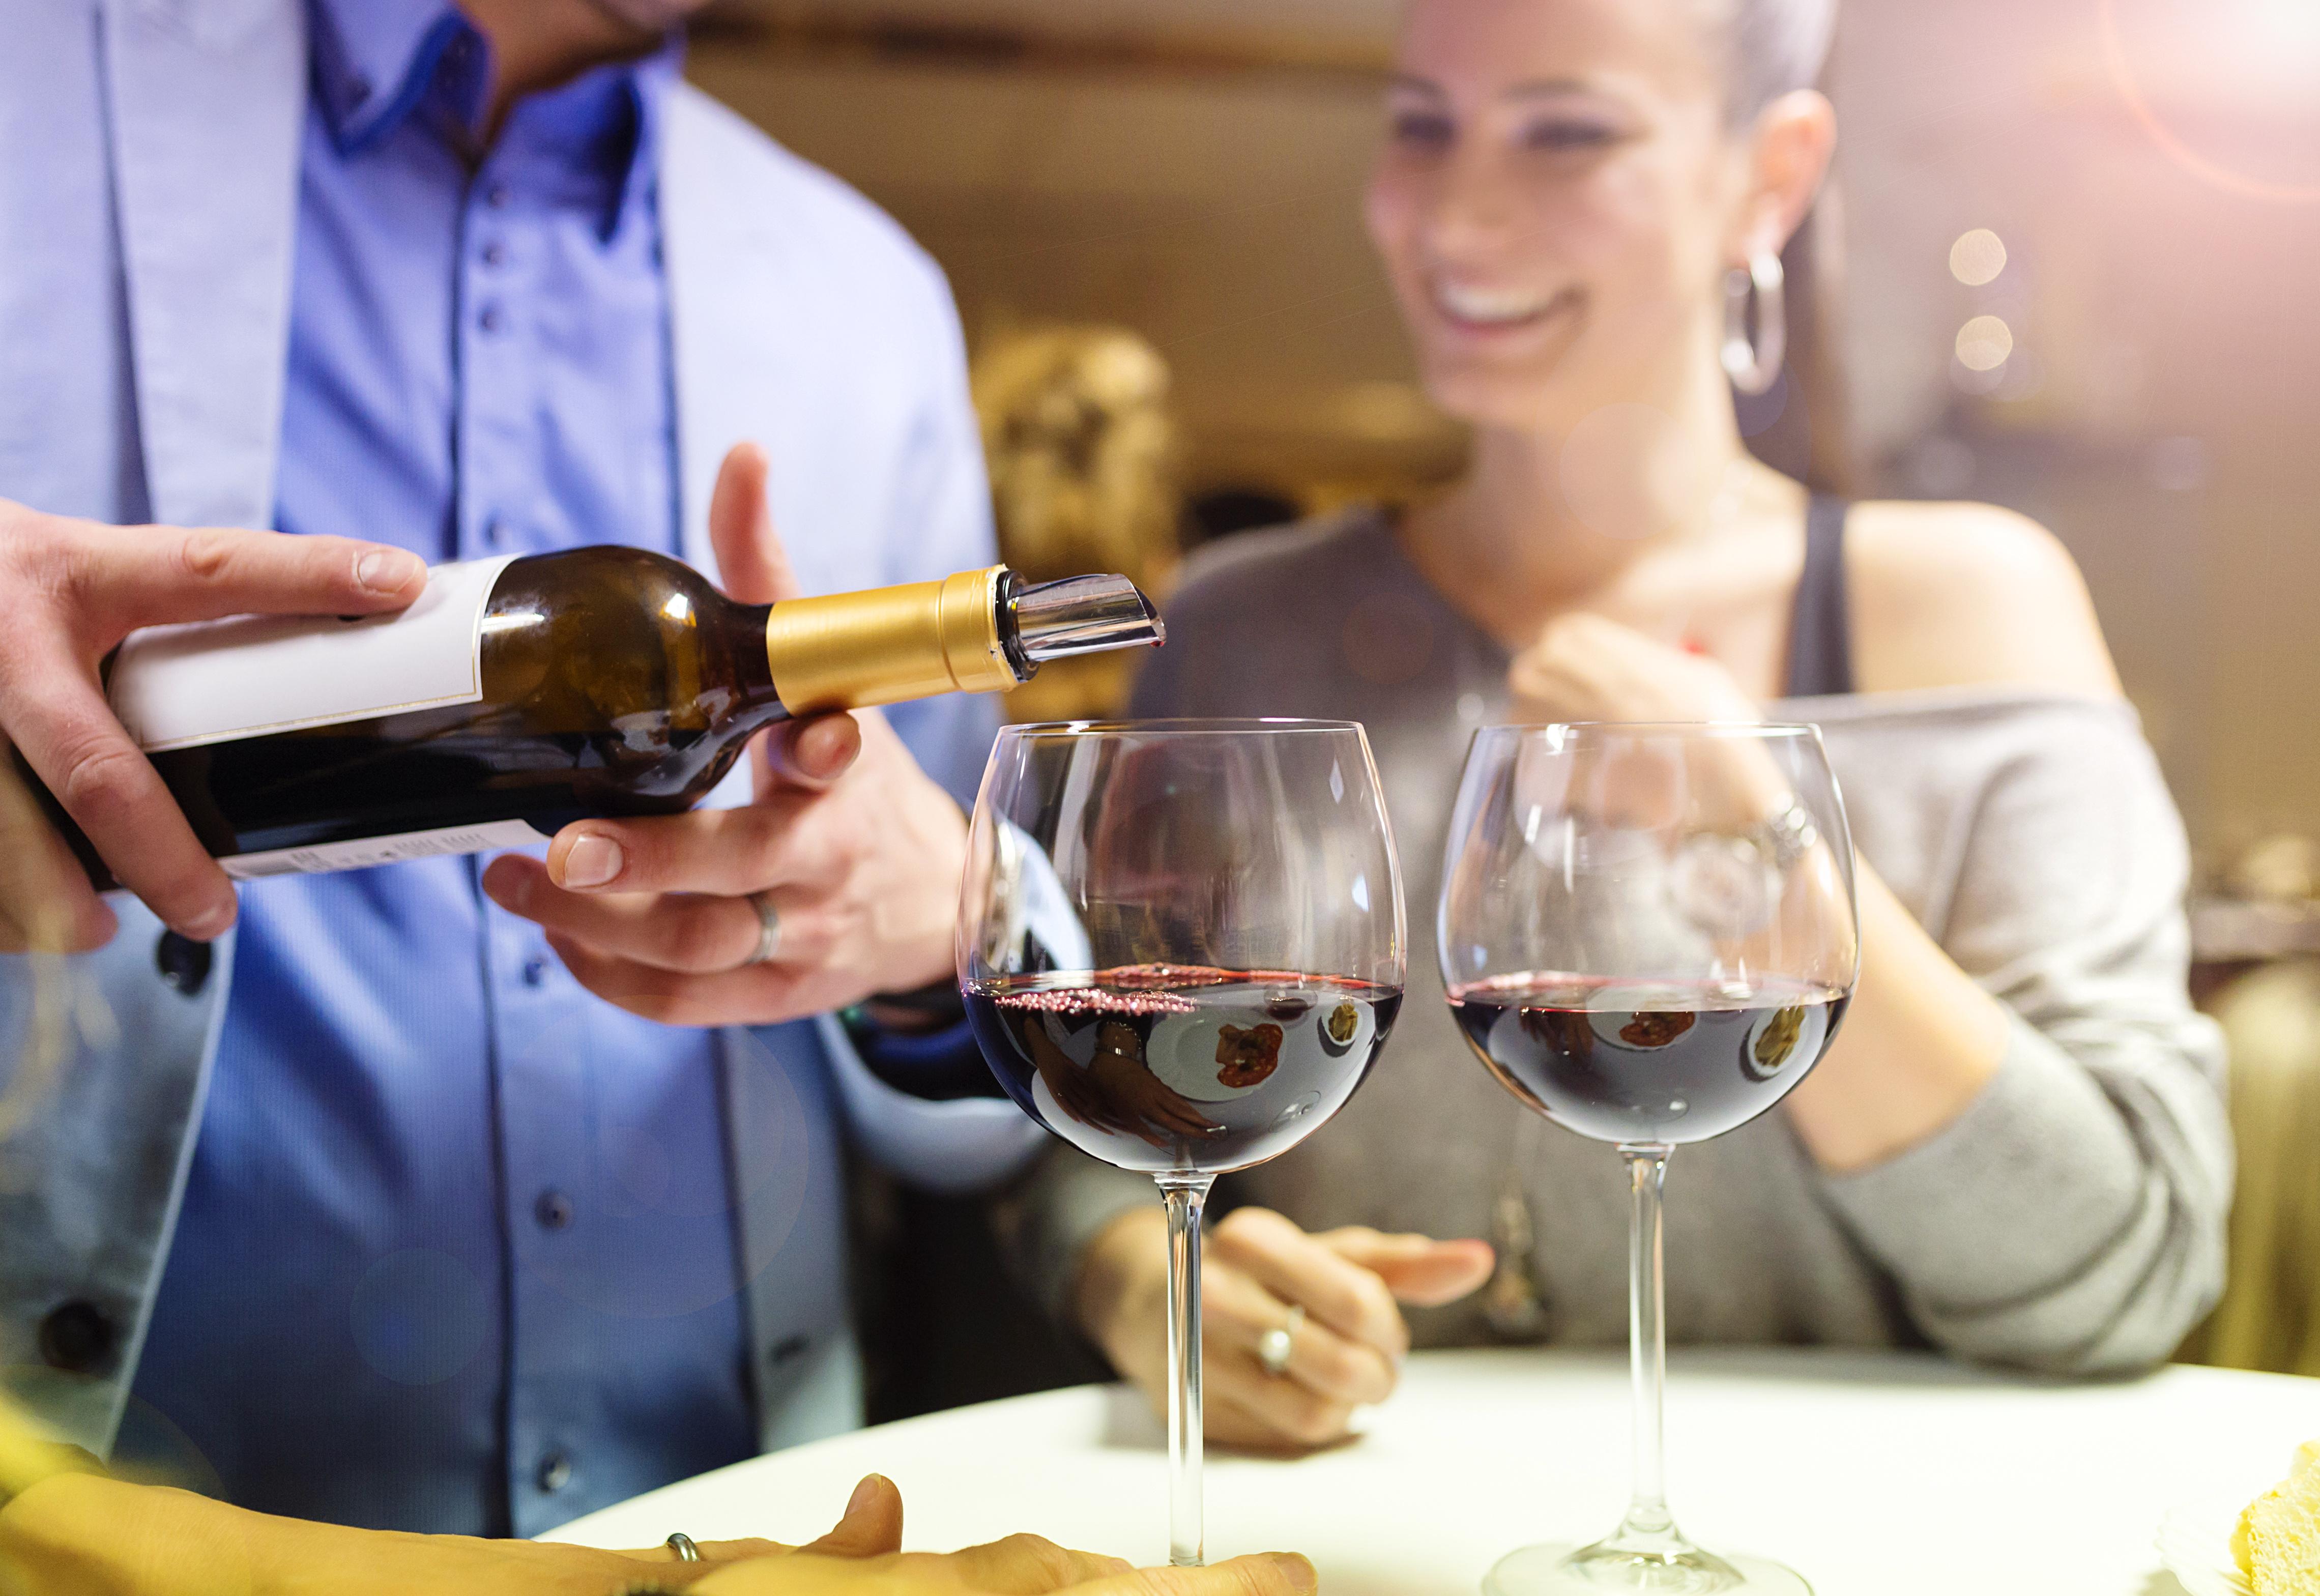 Disfrutando de un vino en pareja